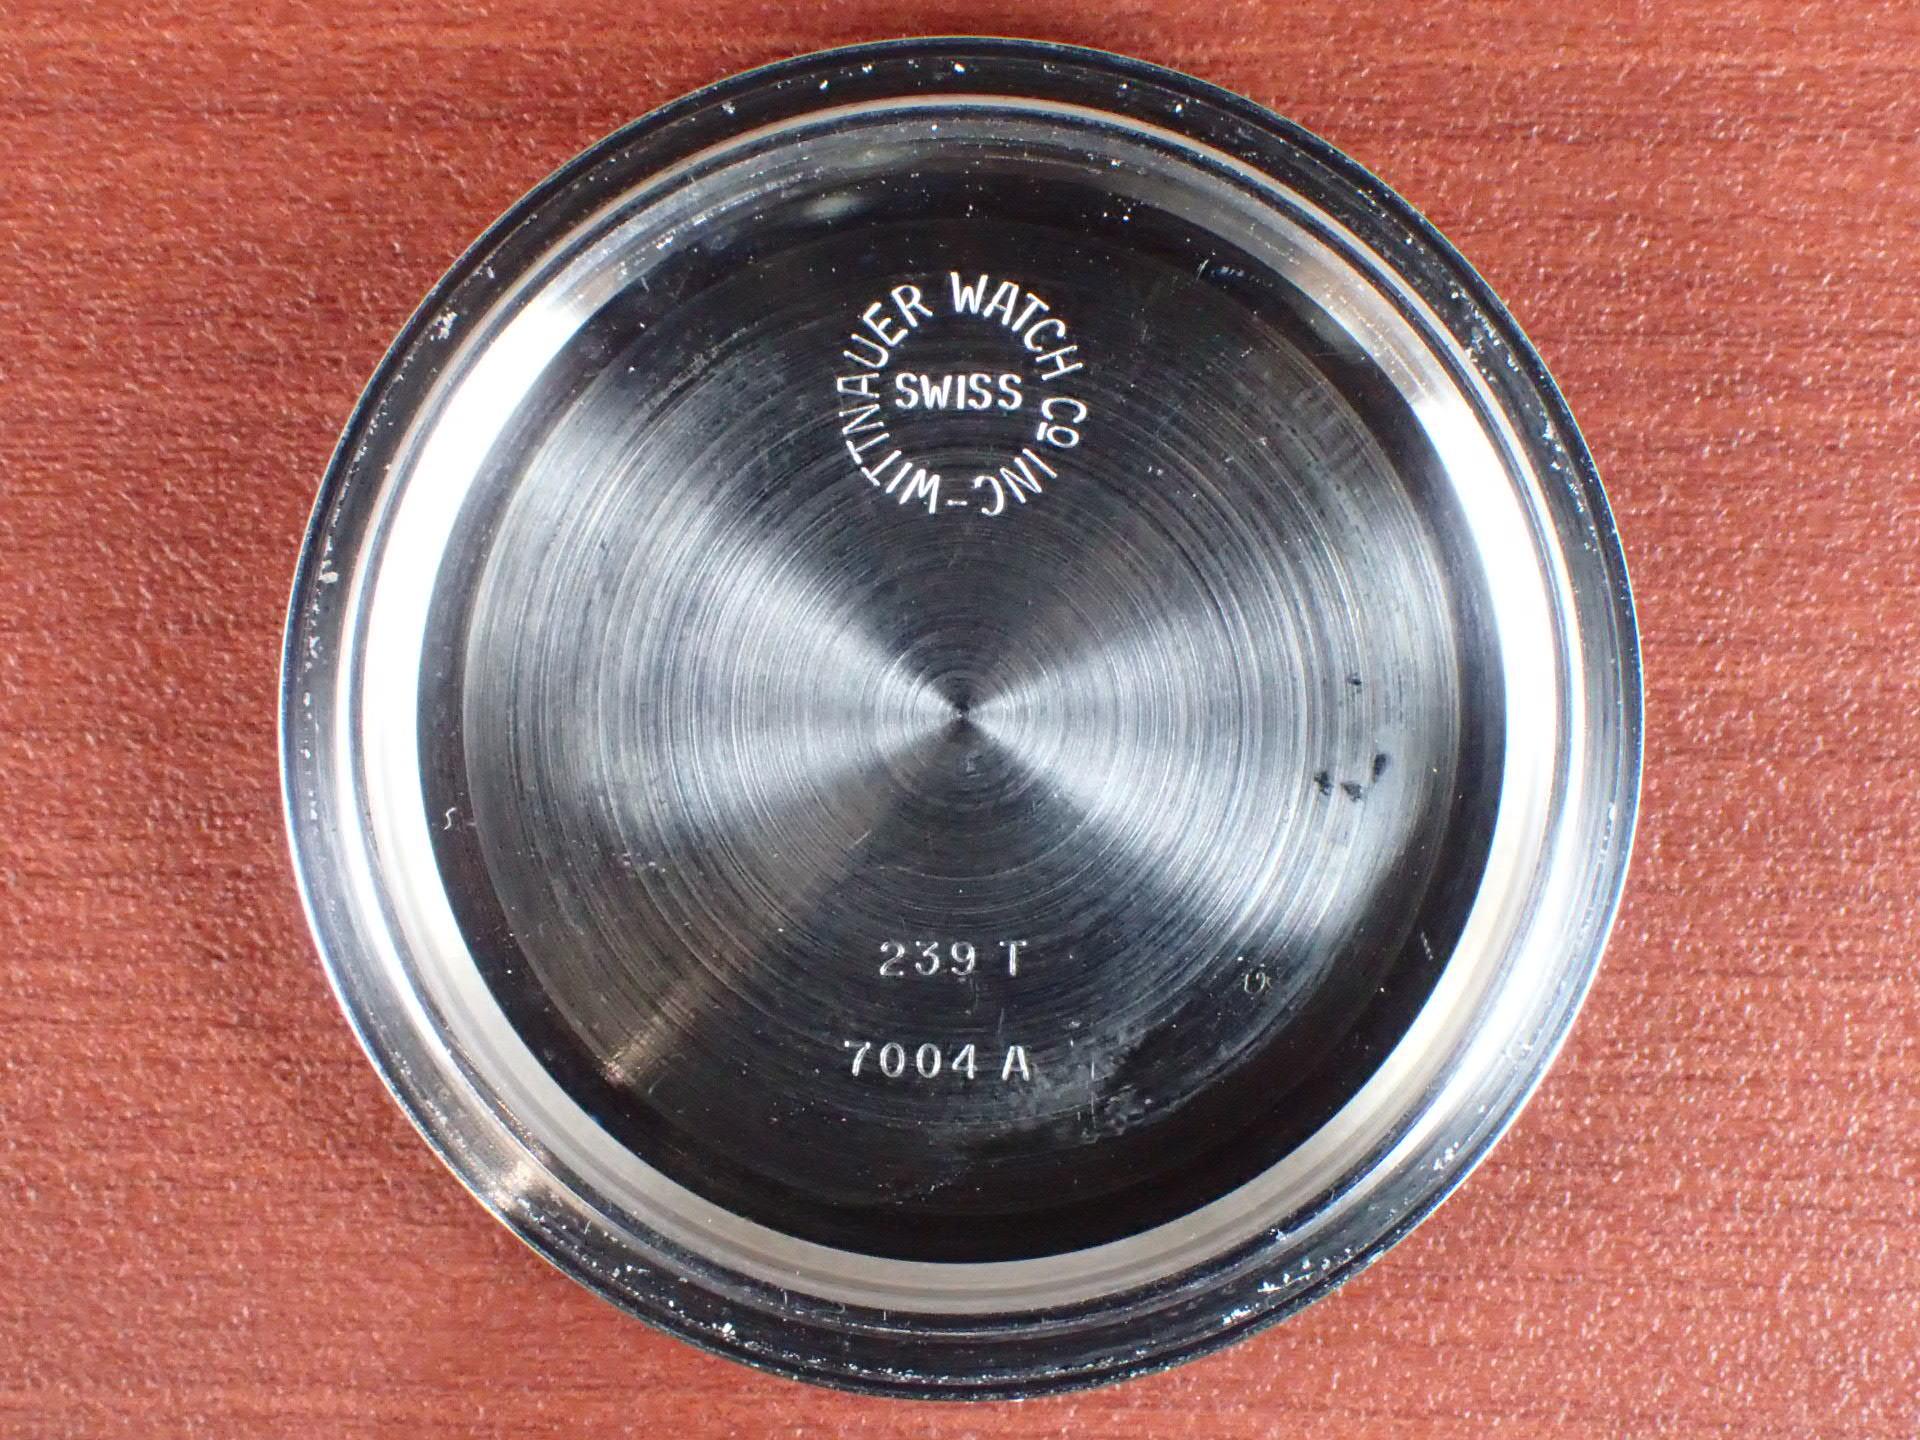 ウィットナー プロフェッショナル クロノグラフ 初期タイプ 1960年代の写真6枚目